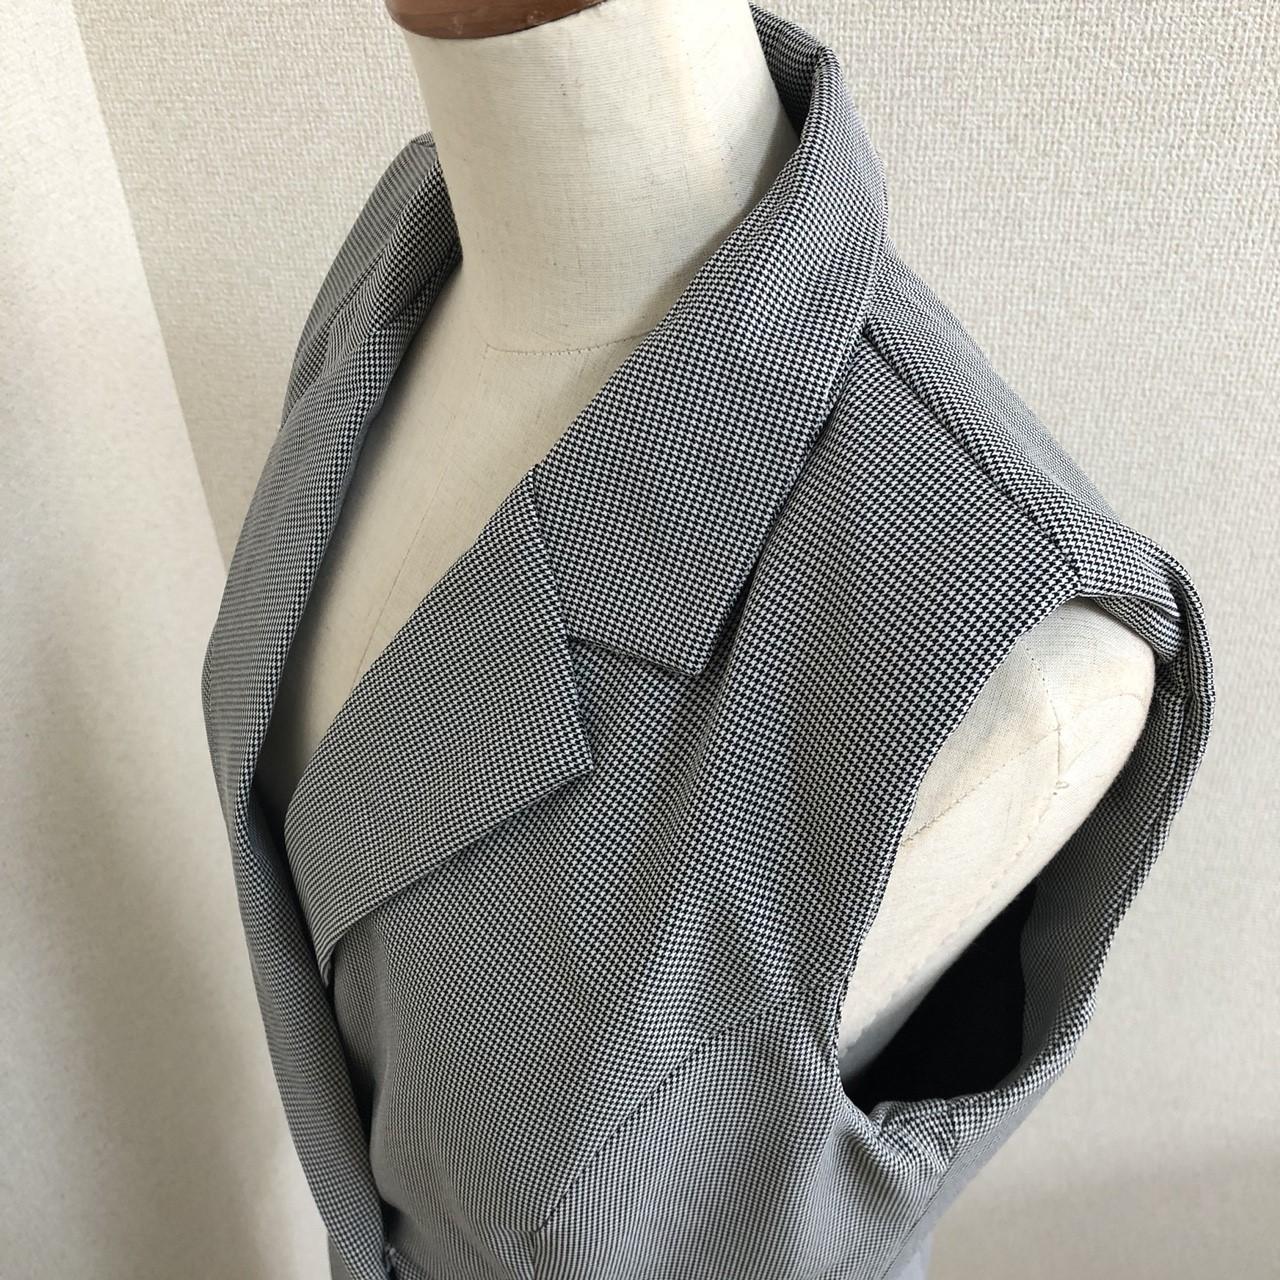 【即納】韓国 ファッション パンツ セットアップ パーティードレス 結婚式 お呼ばれドレス 春 夏 パーティー ブライダル SPTX9206  ノースリーブジャケット テーパ 二次会 セレブ きれいめの写真18枚目